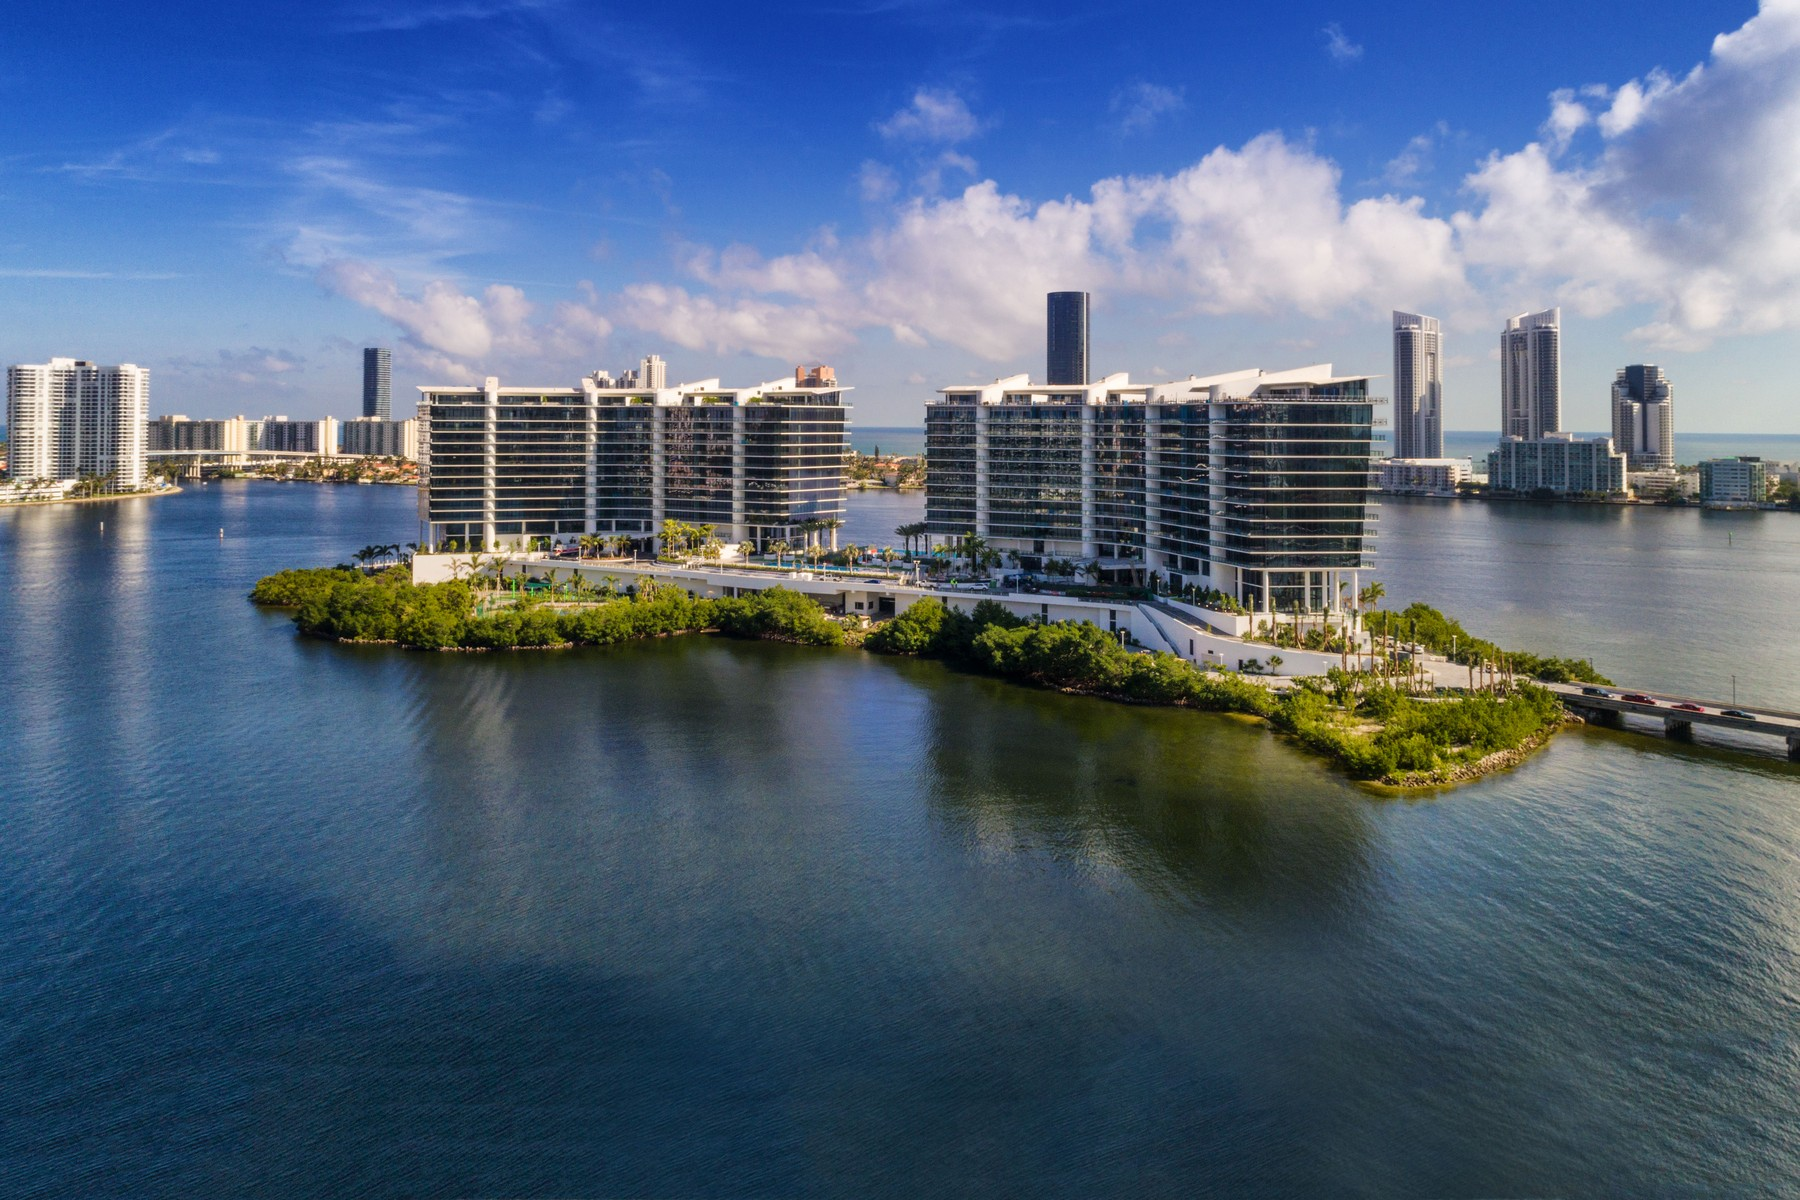 Condominium for Sale at 5000 Island Estates Dr #1507 5000 Island Estates Dr 1507 Aventura, Florida 33160 United States